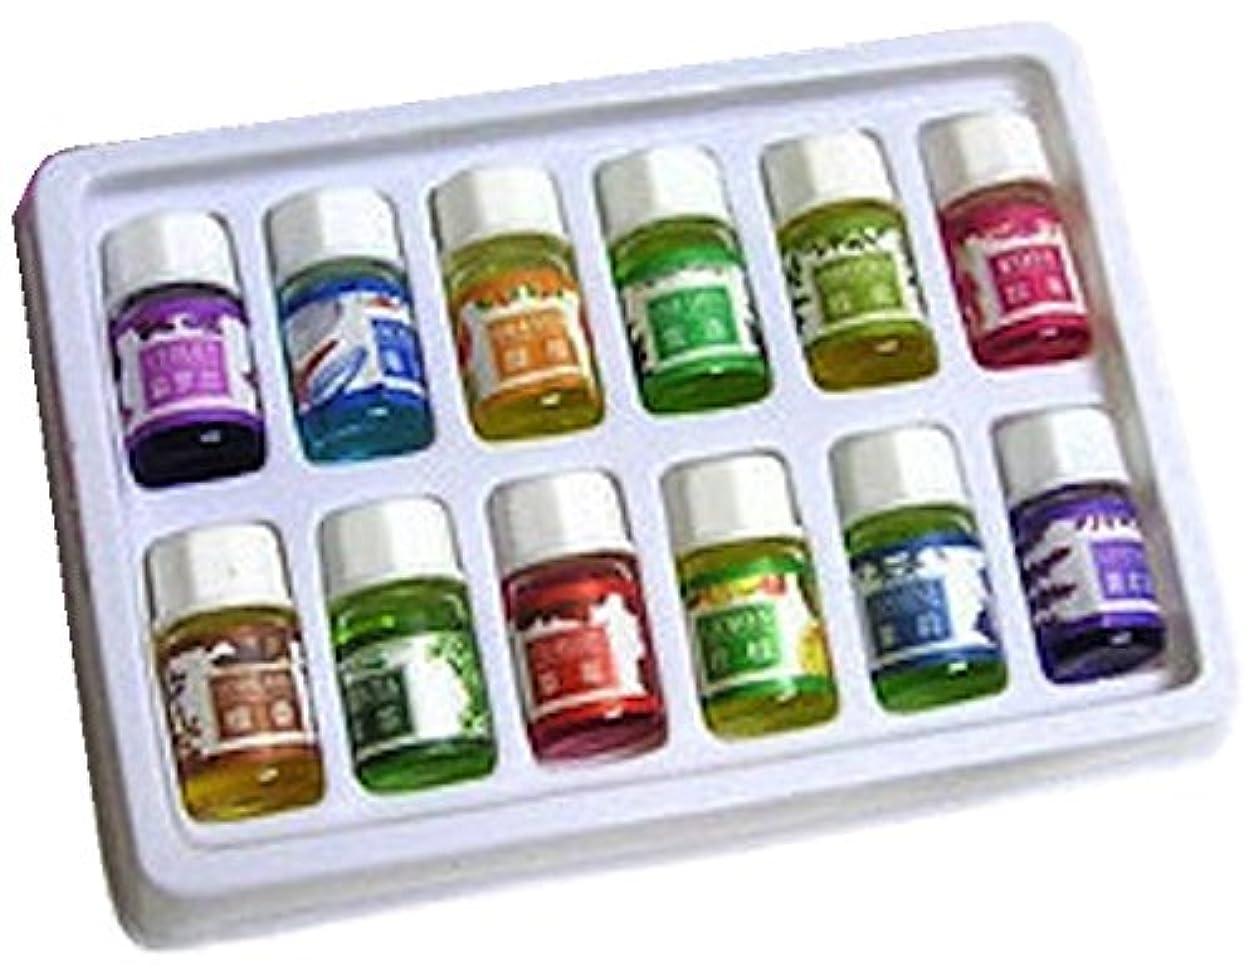 大砲資格情報検査官Winning 癒しの空間 アロマオイル 12種類の香り 各3ml